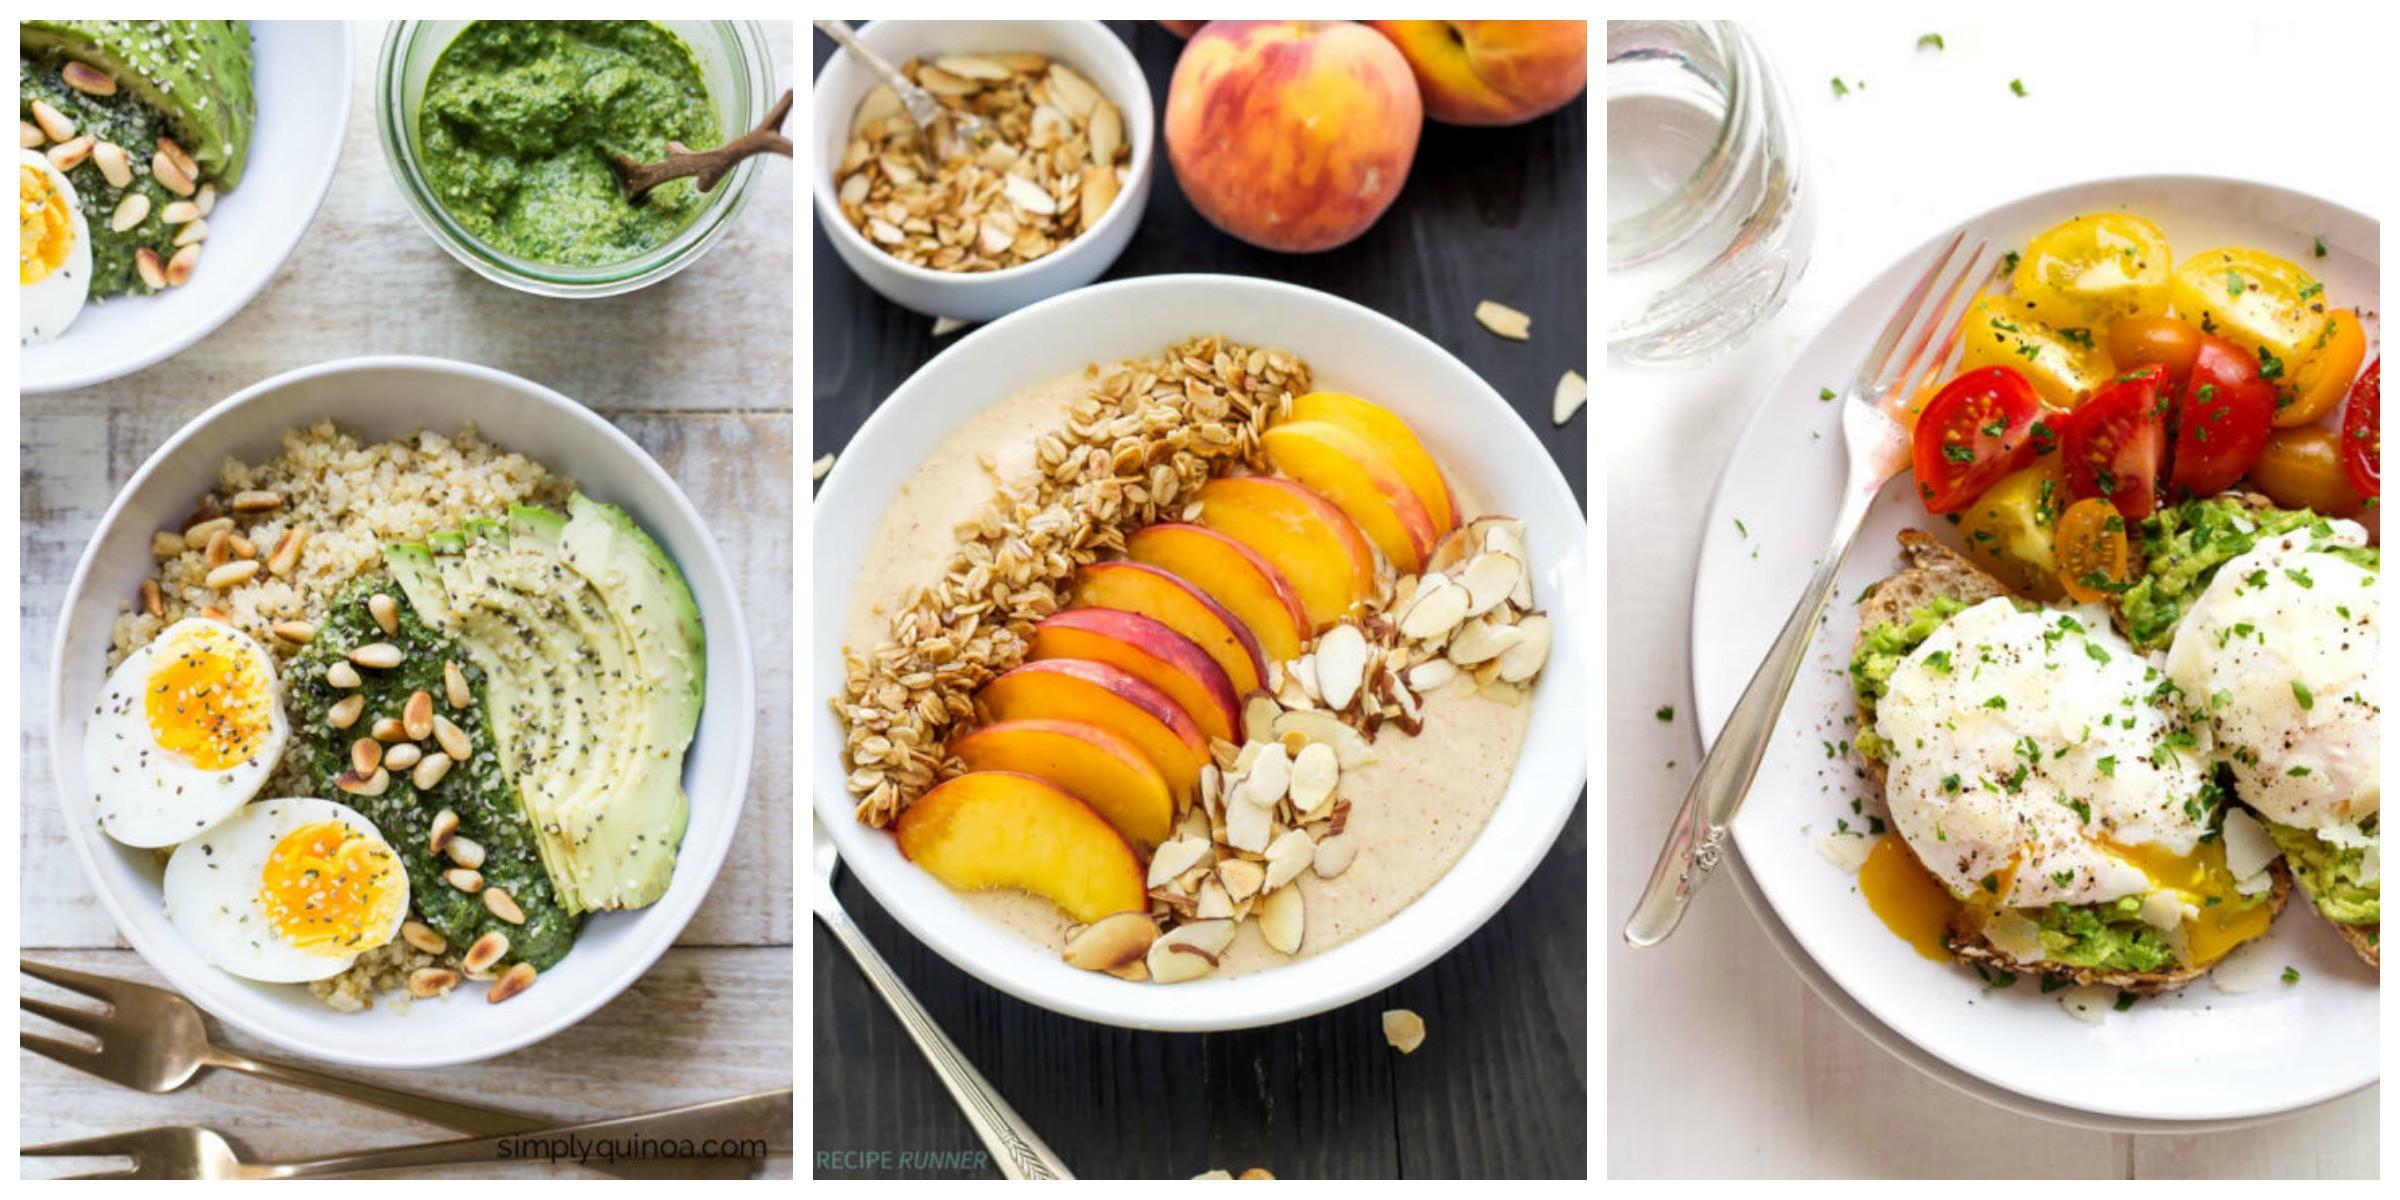 Breakfast Ideas Healthy  20 Best Healthy Breakfast Food Ideas Recipes for Healthy